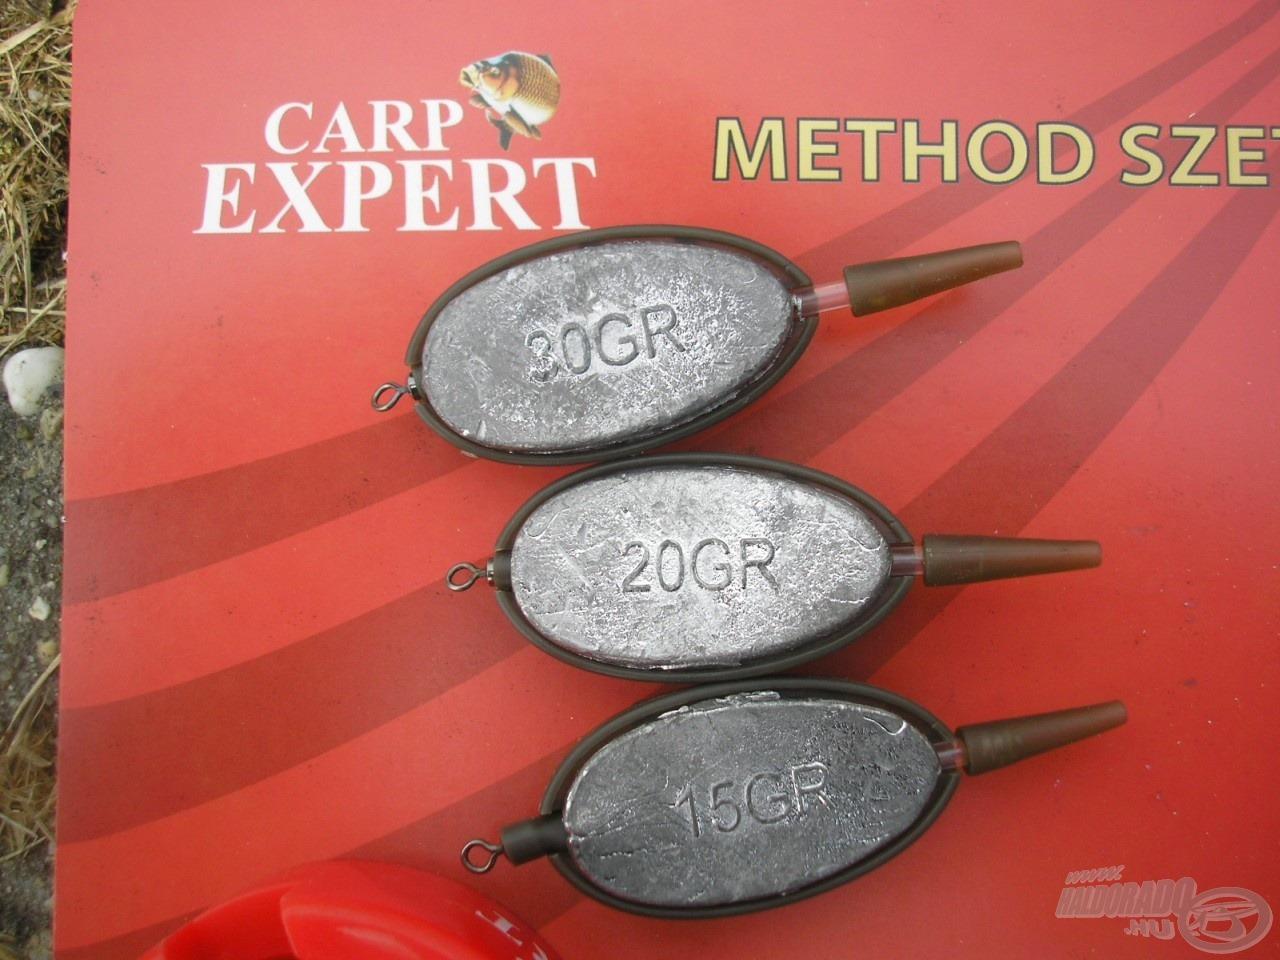 A változó távolság, vízmélység és áramlás miatt a szett három változatot tartalmaz, az ólomsúlyok 15, 20 és 30 grammosak